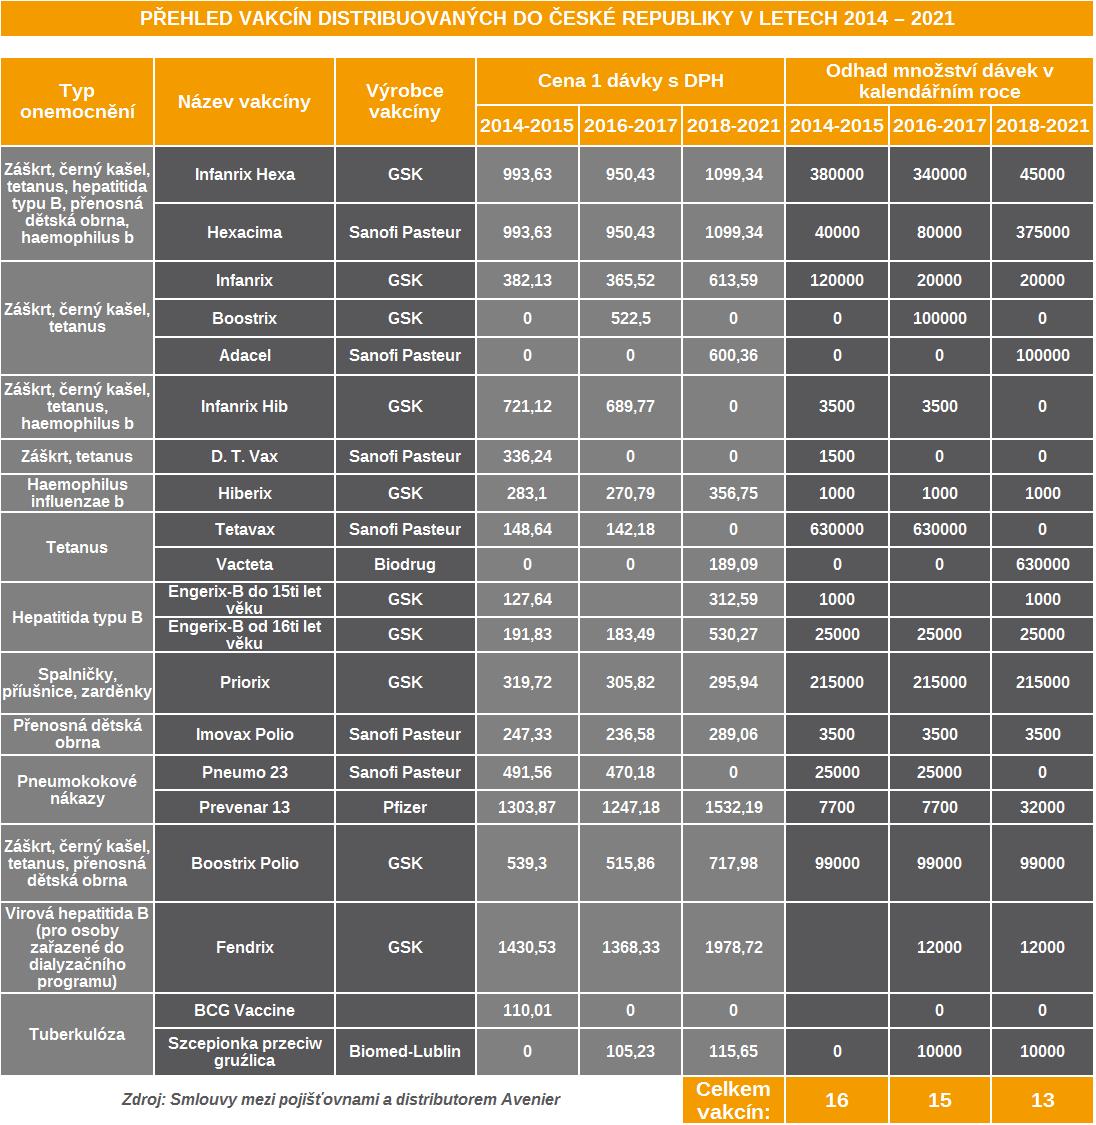 Přehled vakcín distribuovaných do ČR v letech 2014-2021